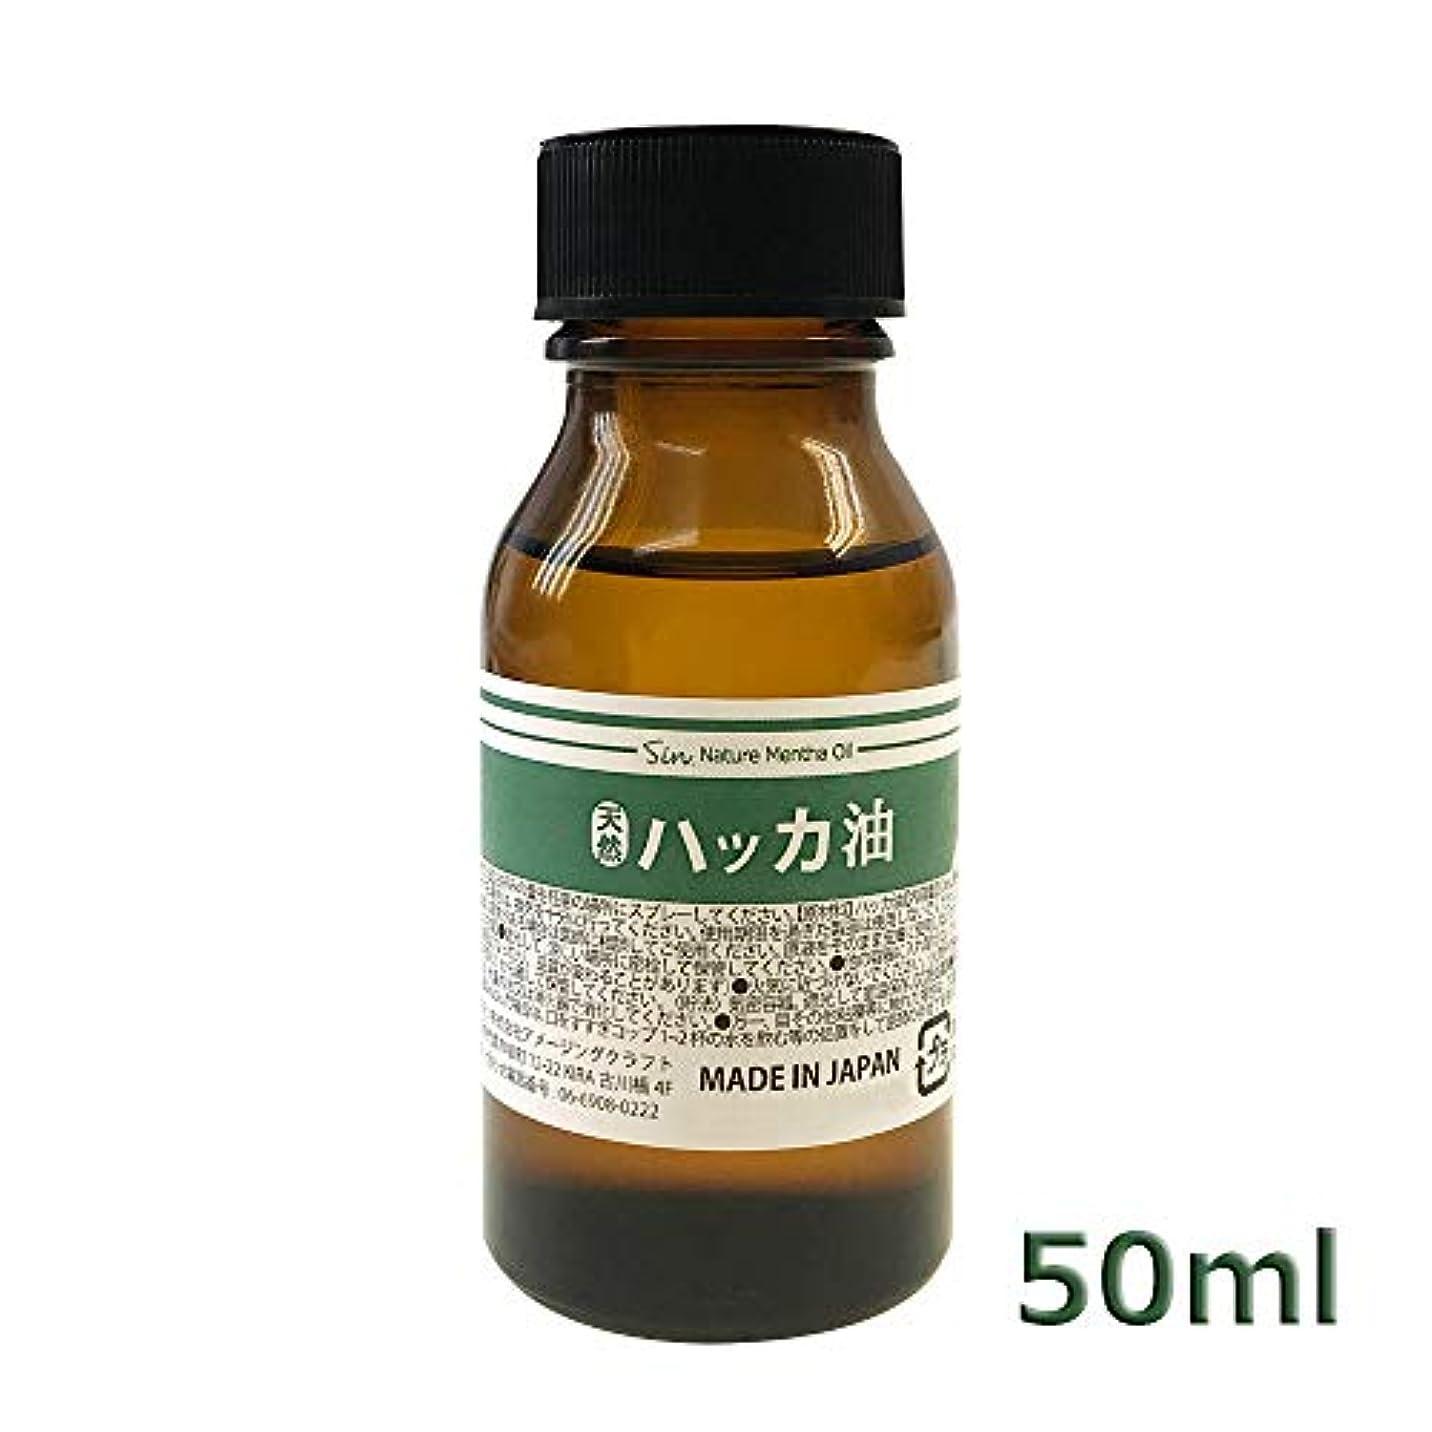 ヘクタール威信委員会日本製 天然ハッカ油(ハッカオイル) 50ml